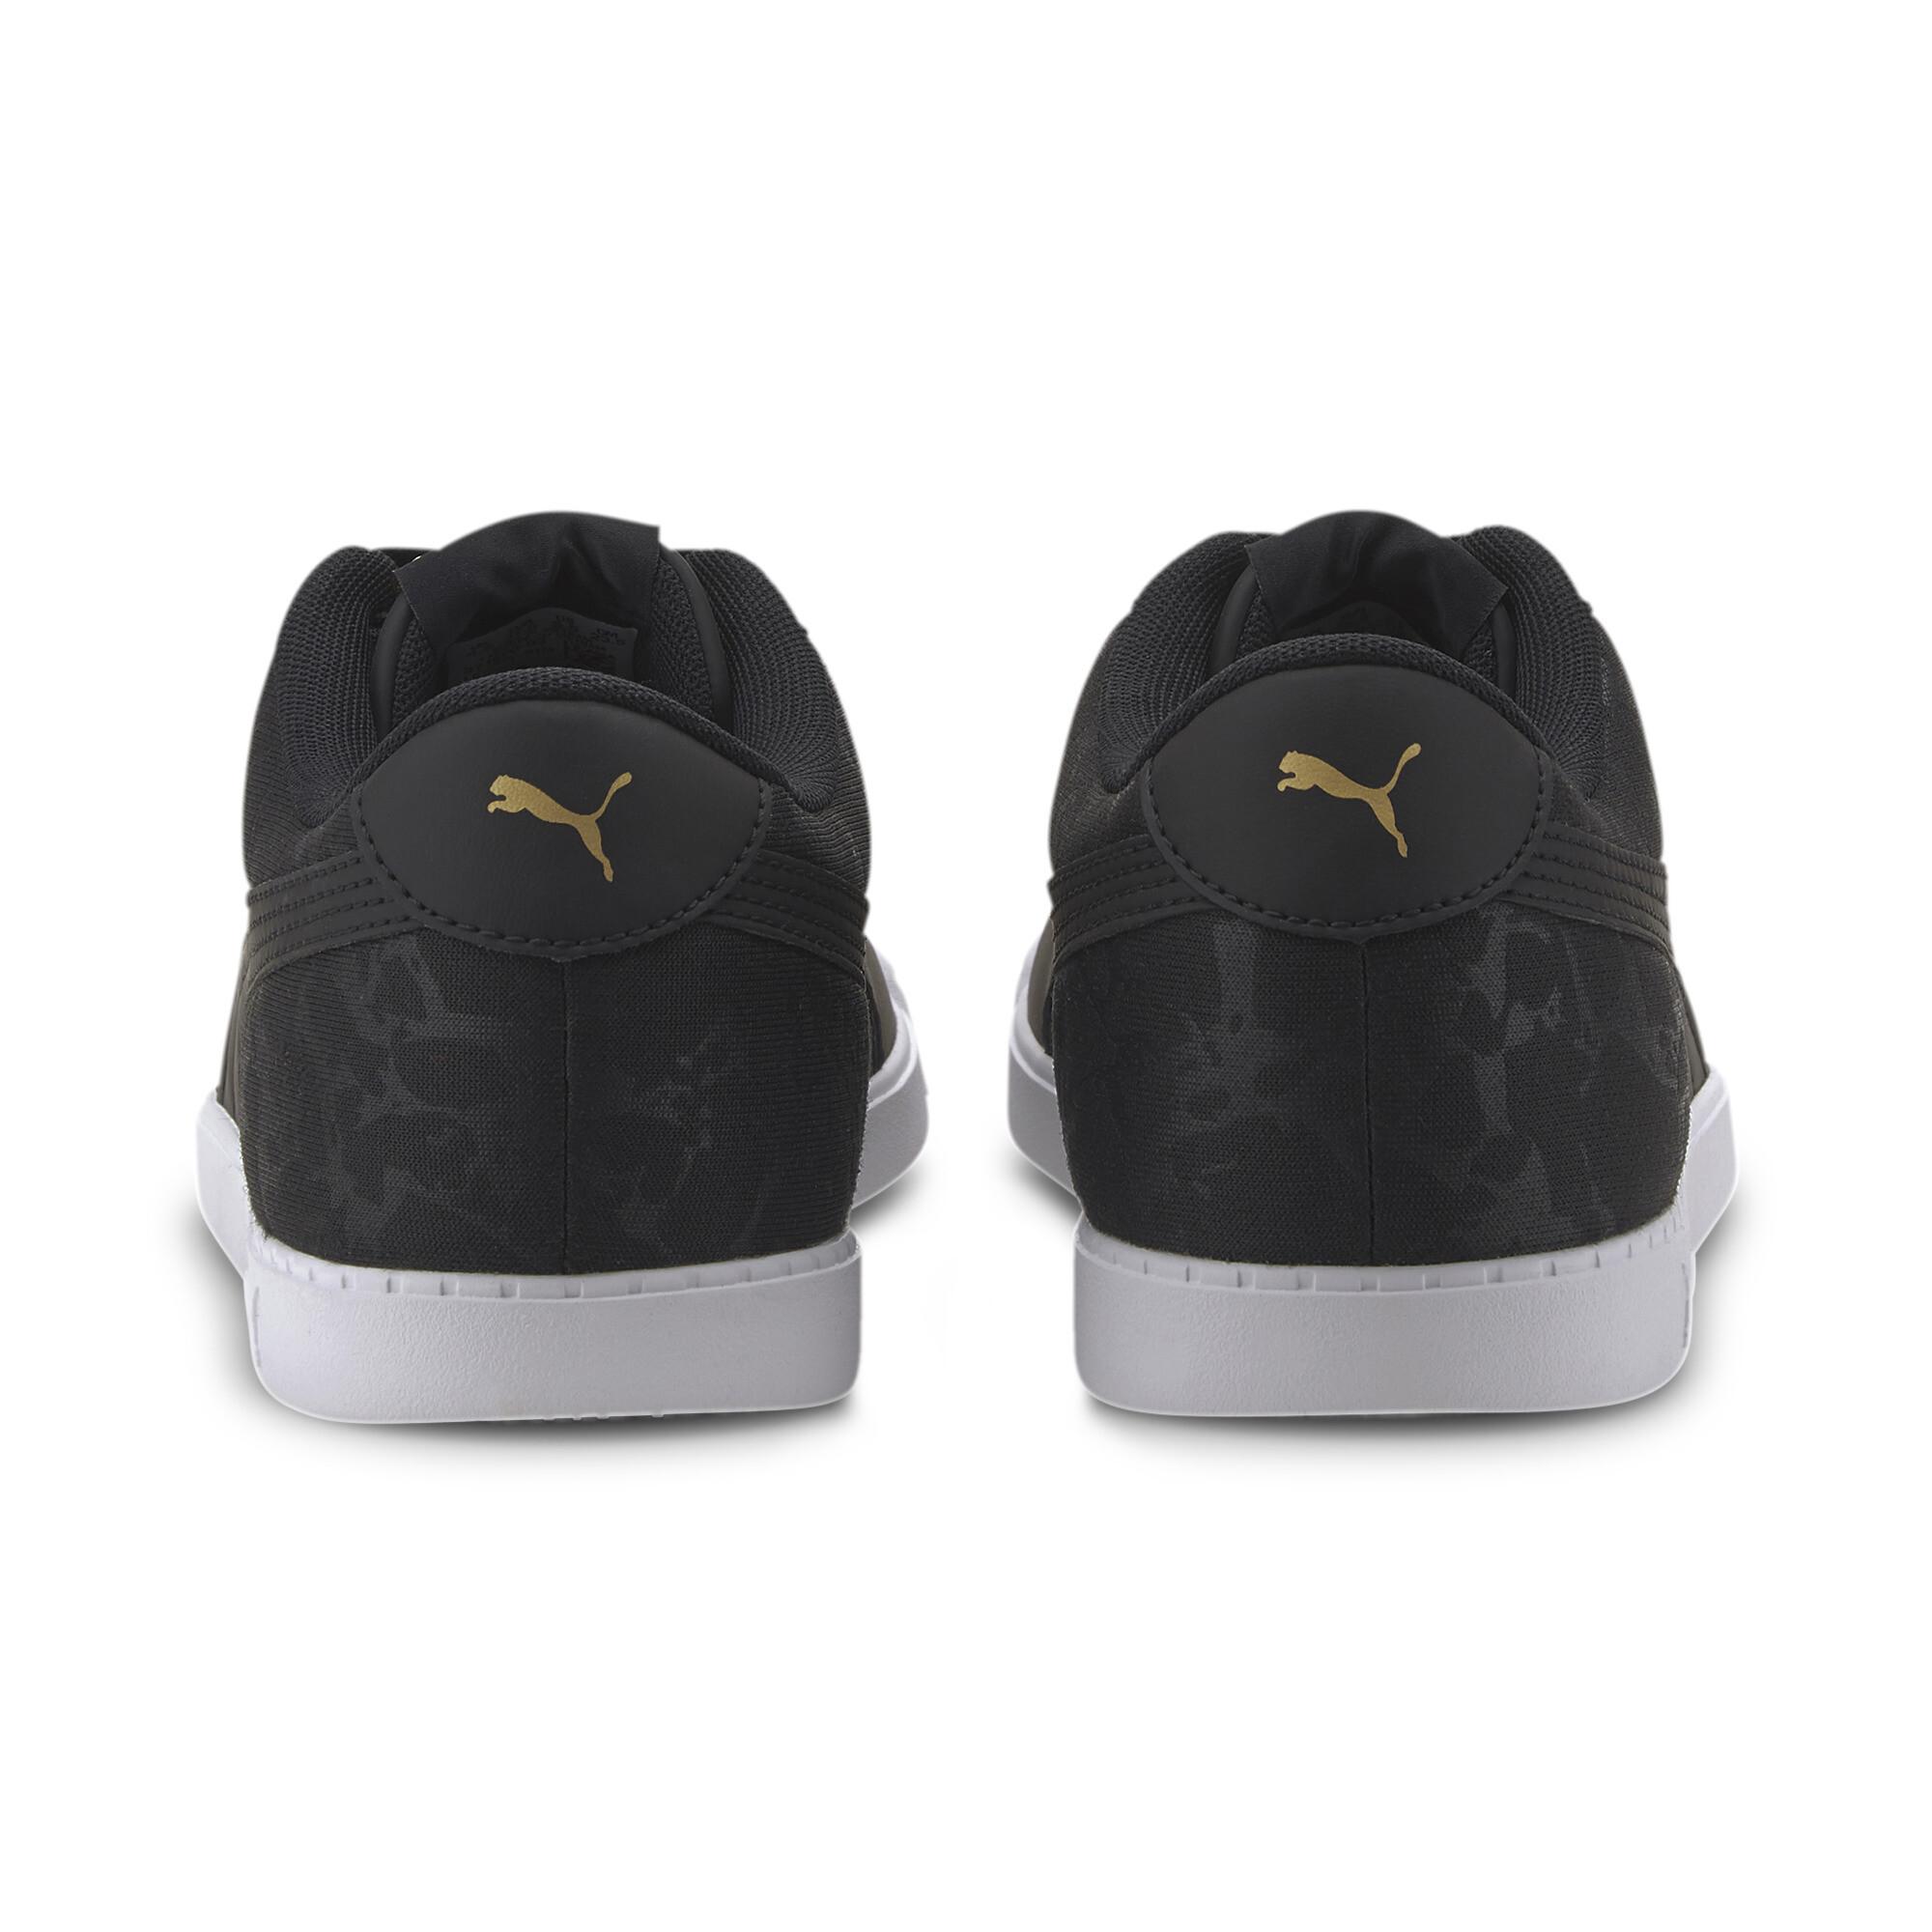 PUMA-Women-039-s-Carina-Slim-Veil-Sneakers thumbnail 10